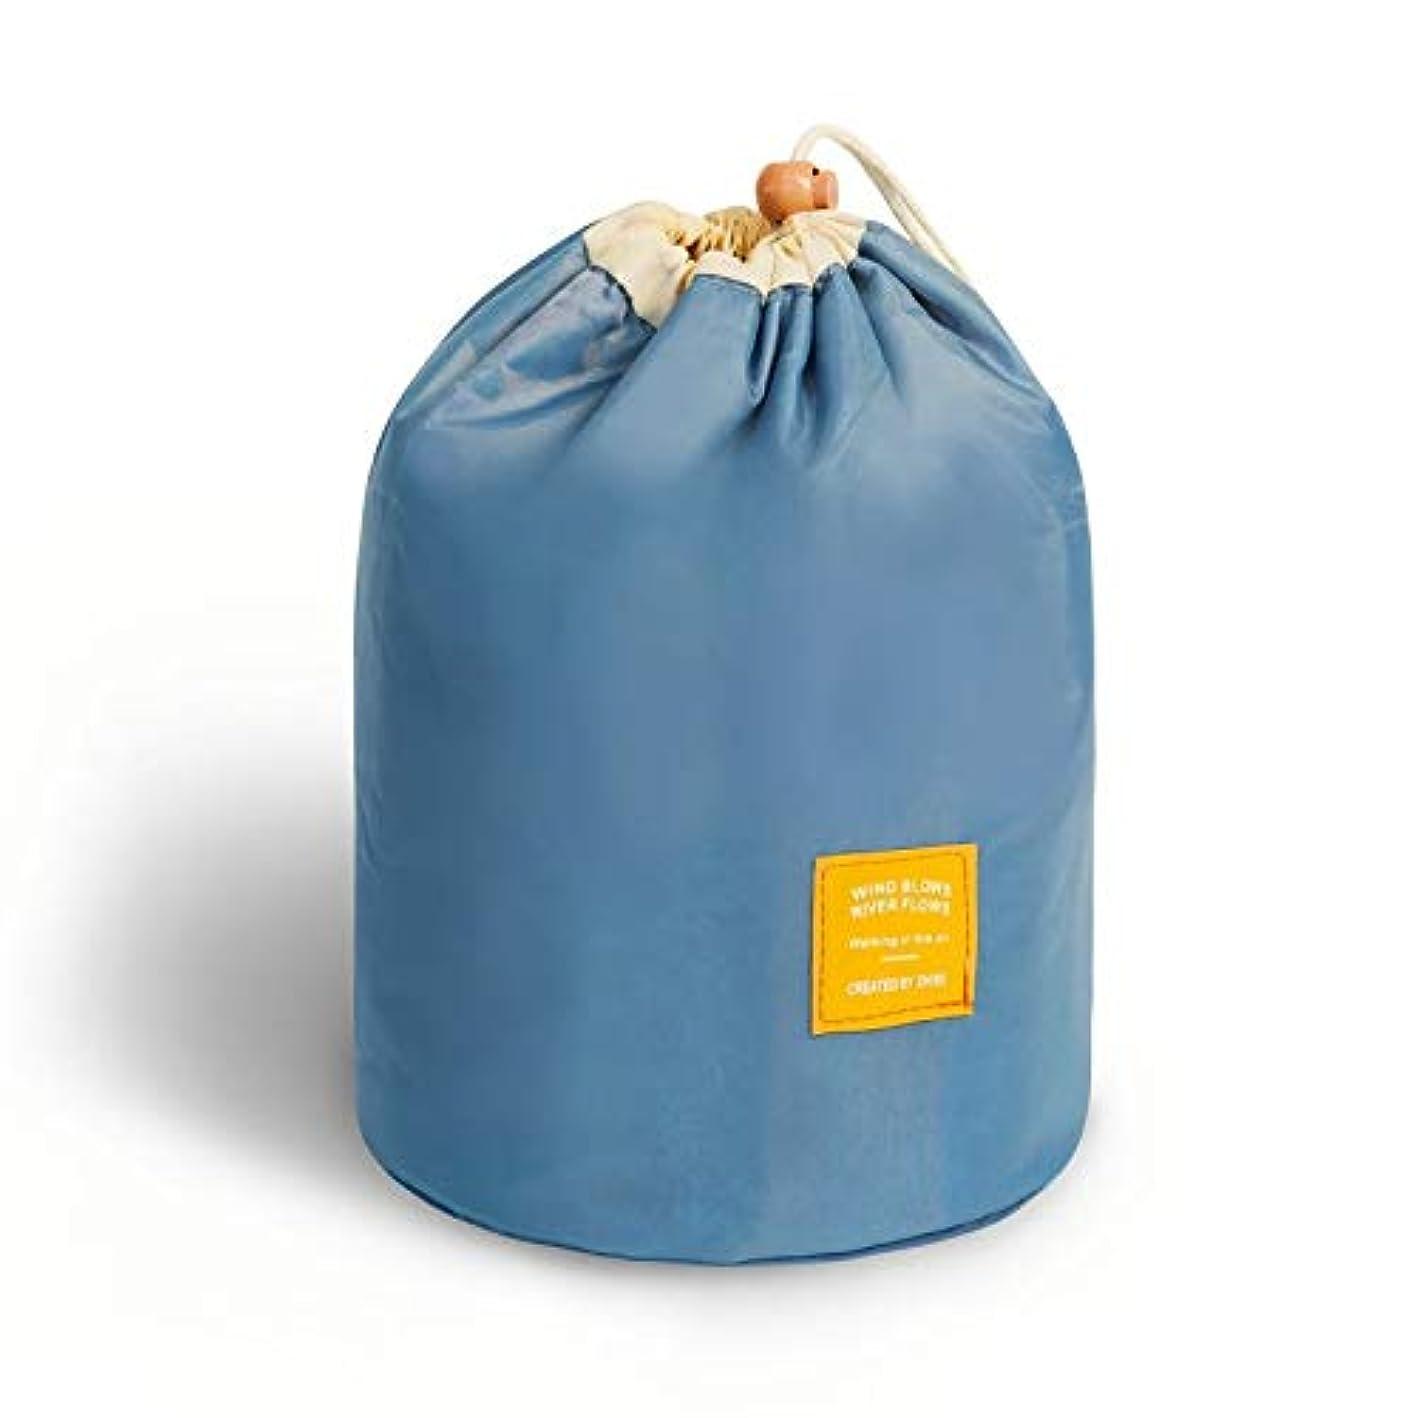 物足りない安全シンプルな巾着袋 大容量 防水 防塵 化粧ポーチ 収納 コップ袋 円筒 ミニポーチ+PVCブラシバッグ付き (ブルー)